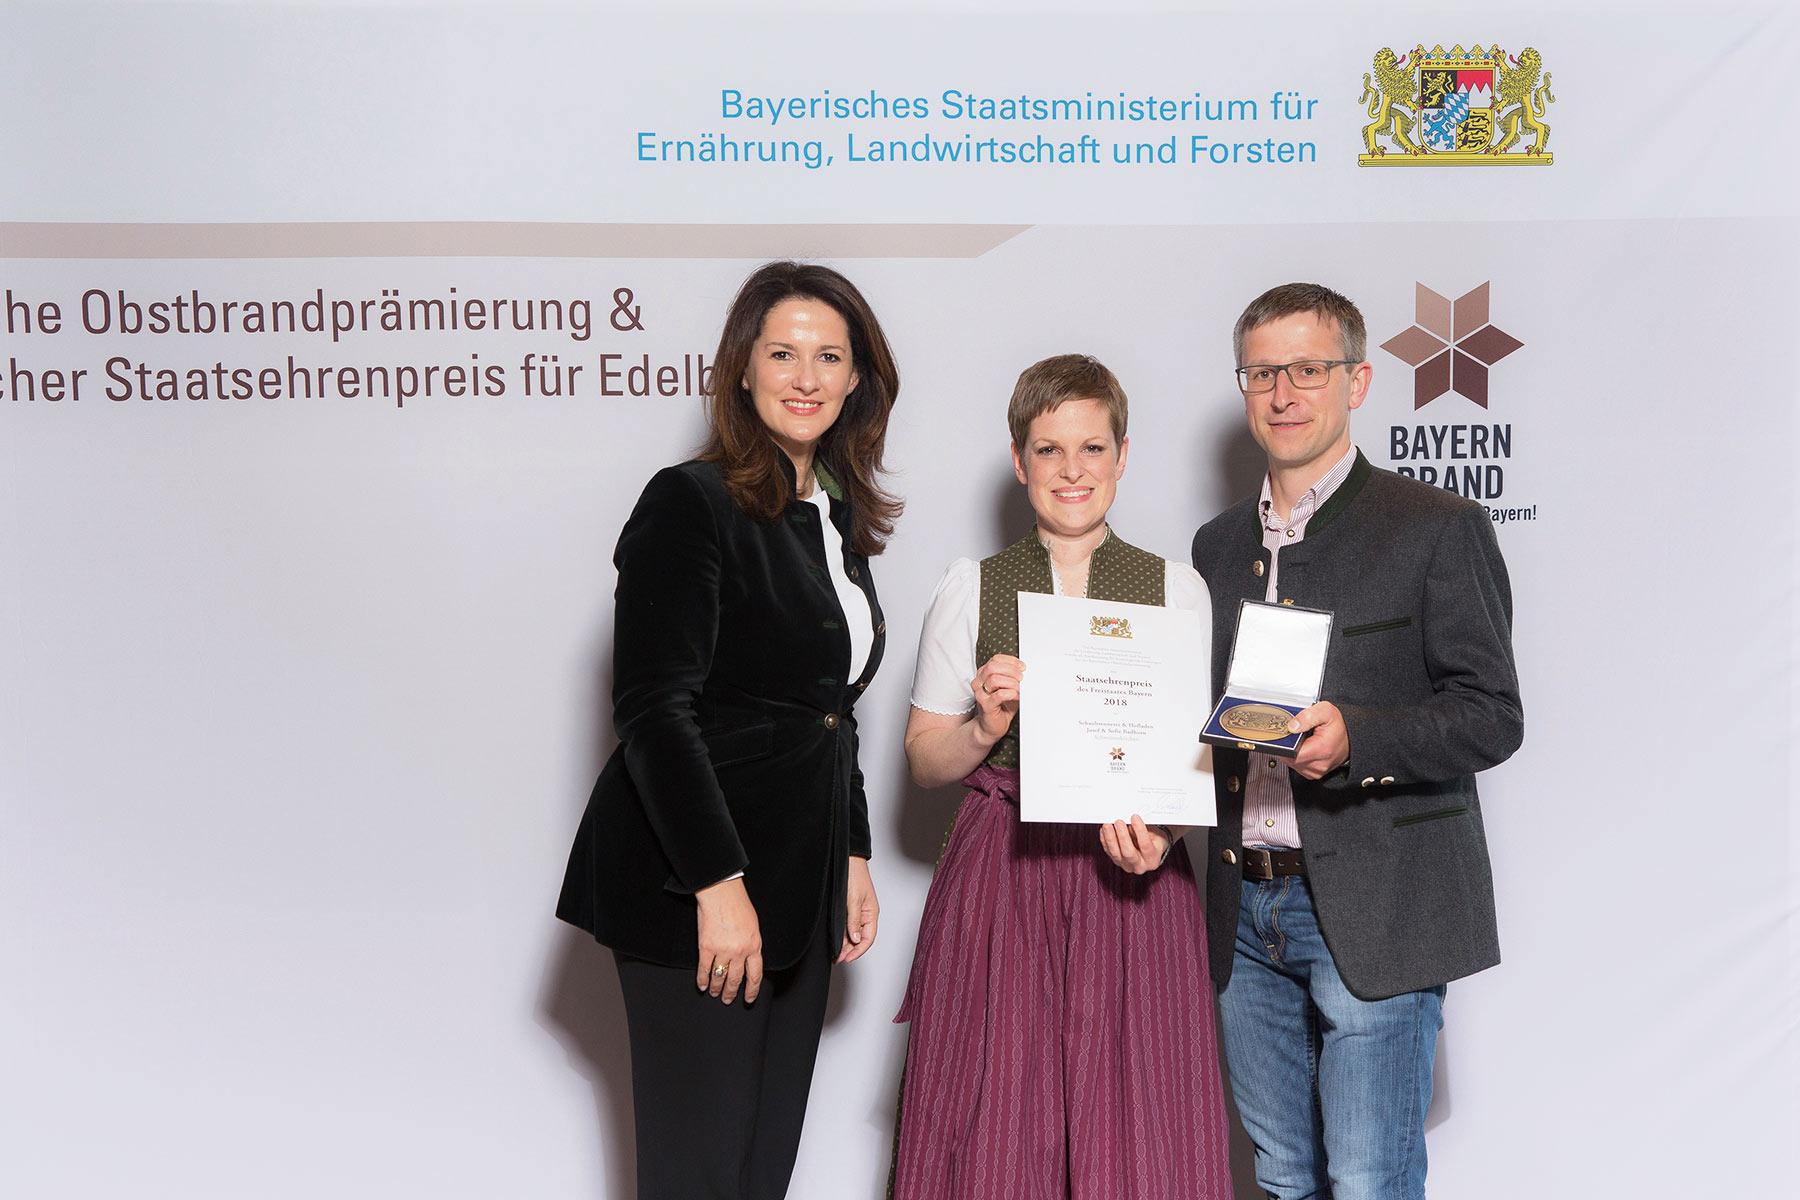 Verleihung des Staatsehrenpreises 2018 durch das Bayerische Staatsministerium für Ernährung, Landwirtschaft und Forsten